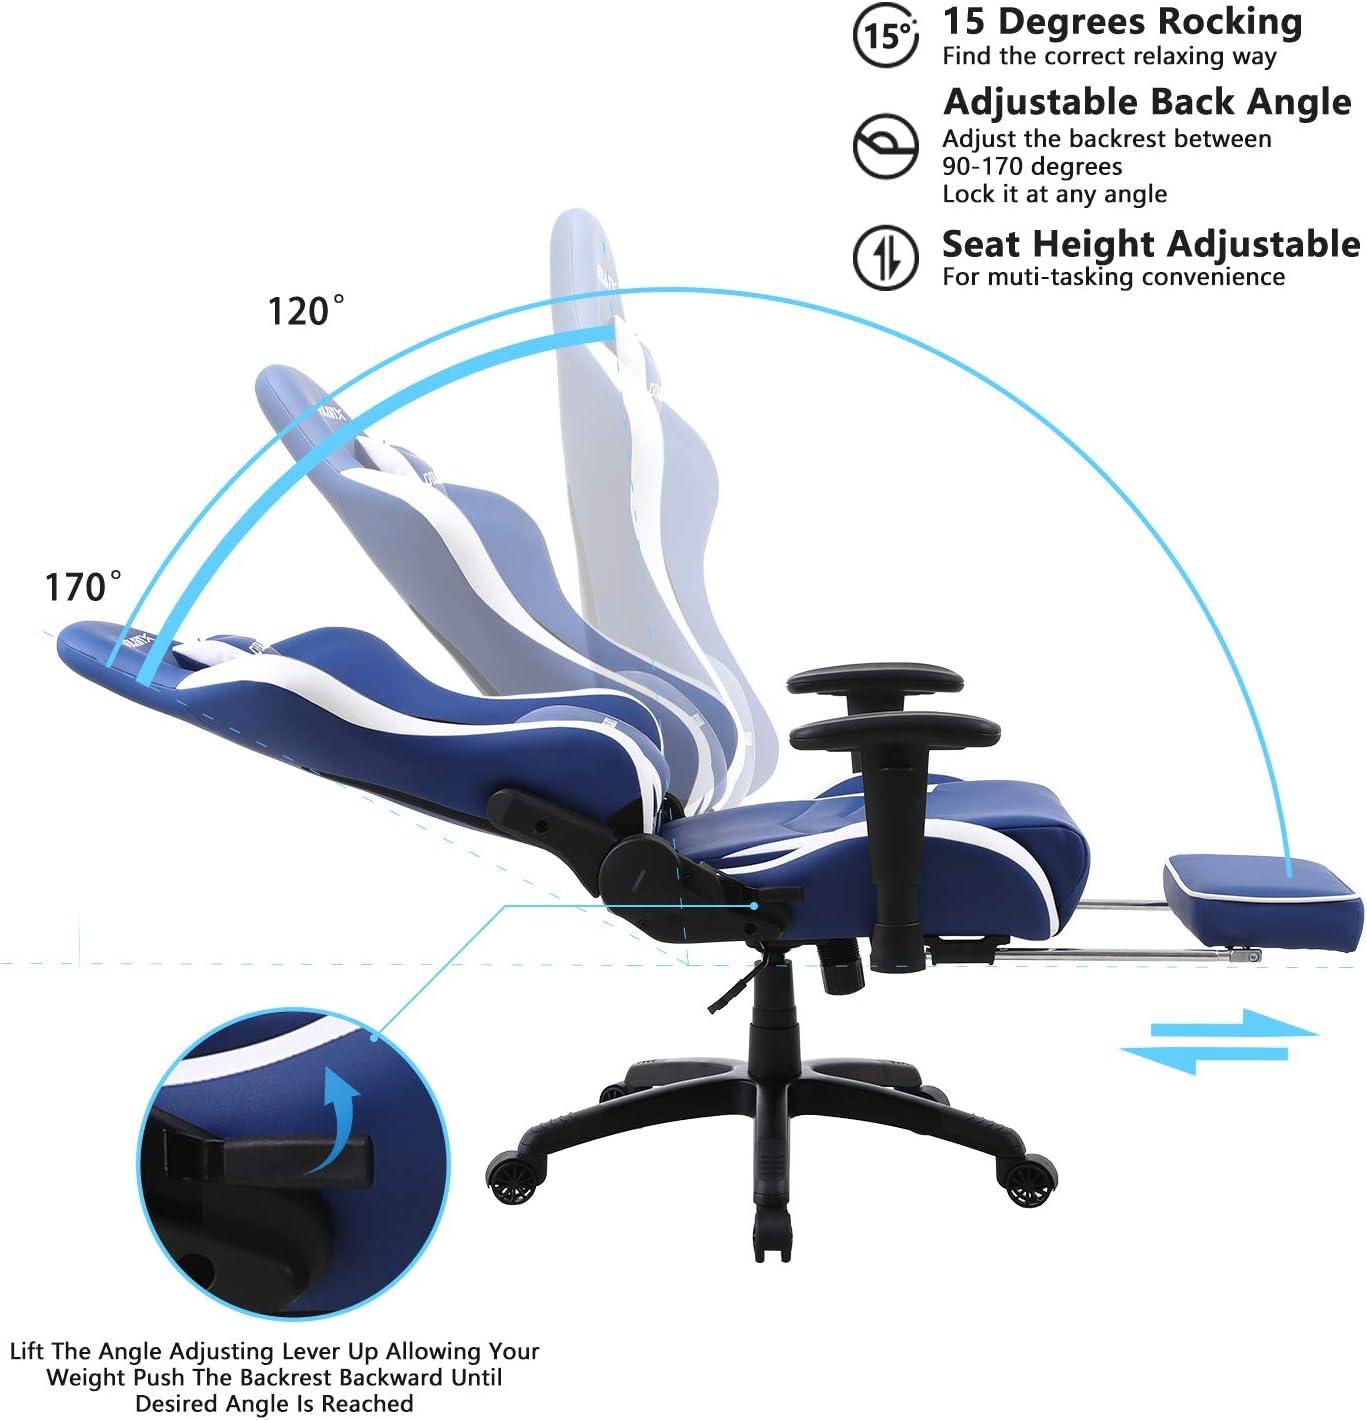 Dowinx Silla Gaming Ergon/ómica Estilo Carreras con Reposapi/és y Soporte Lumbar Masajeador Silla de Oficina para Computadora Cuero PU Silla para Juegos E-Sport Respaldo Alto Azul